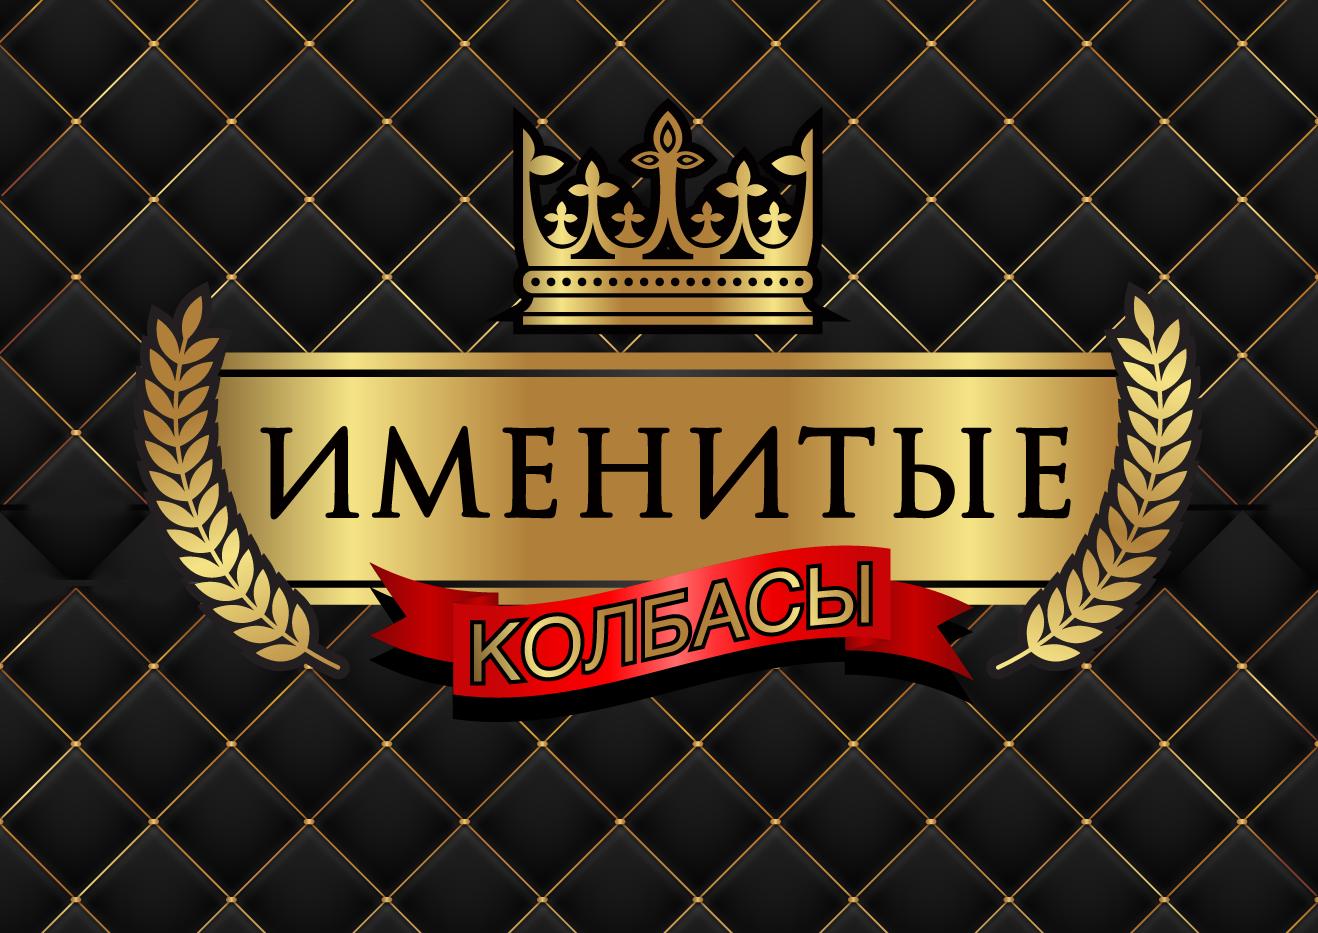 Логотип и фирменный стиль продуктов питания фото f_3975bb7a626648f7.png